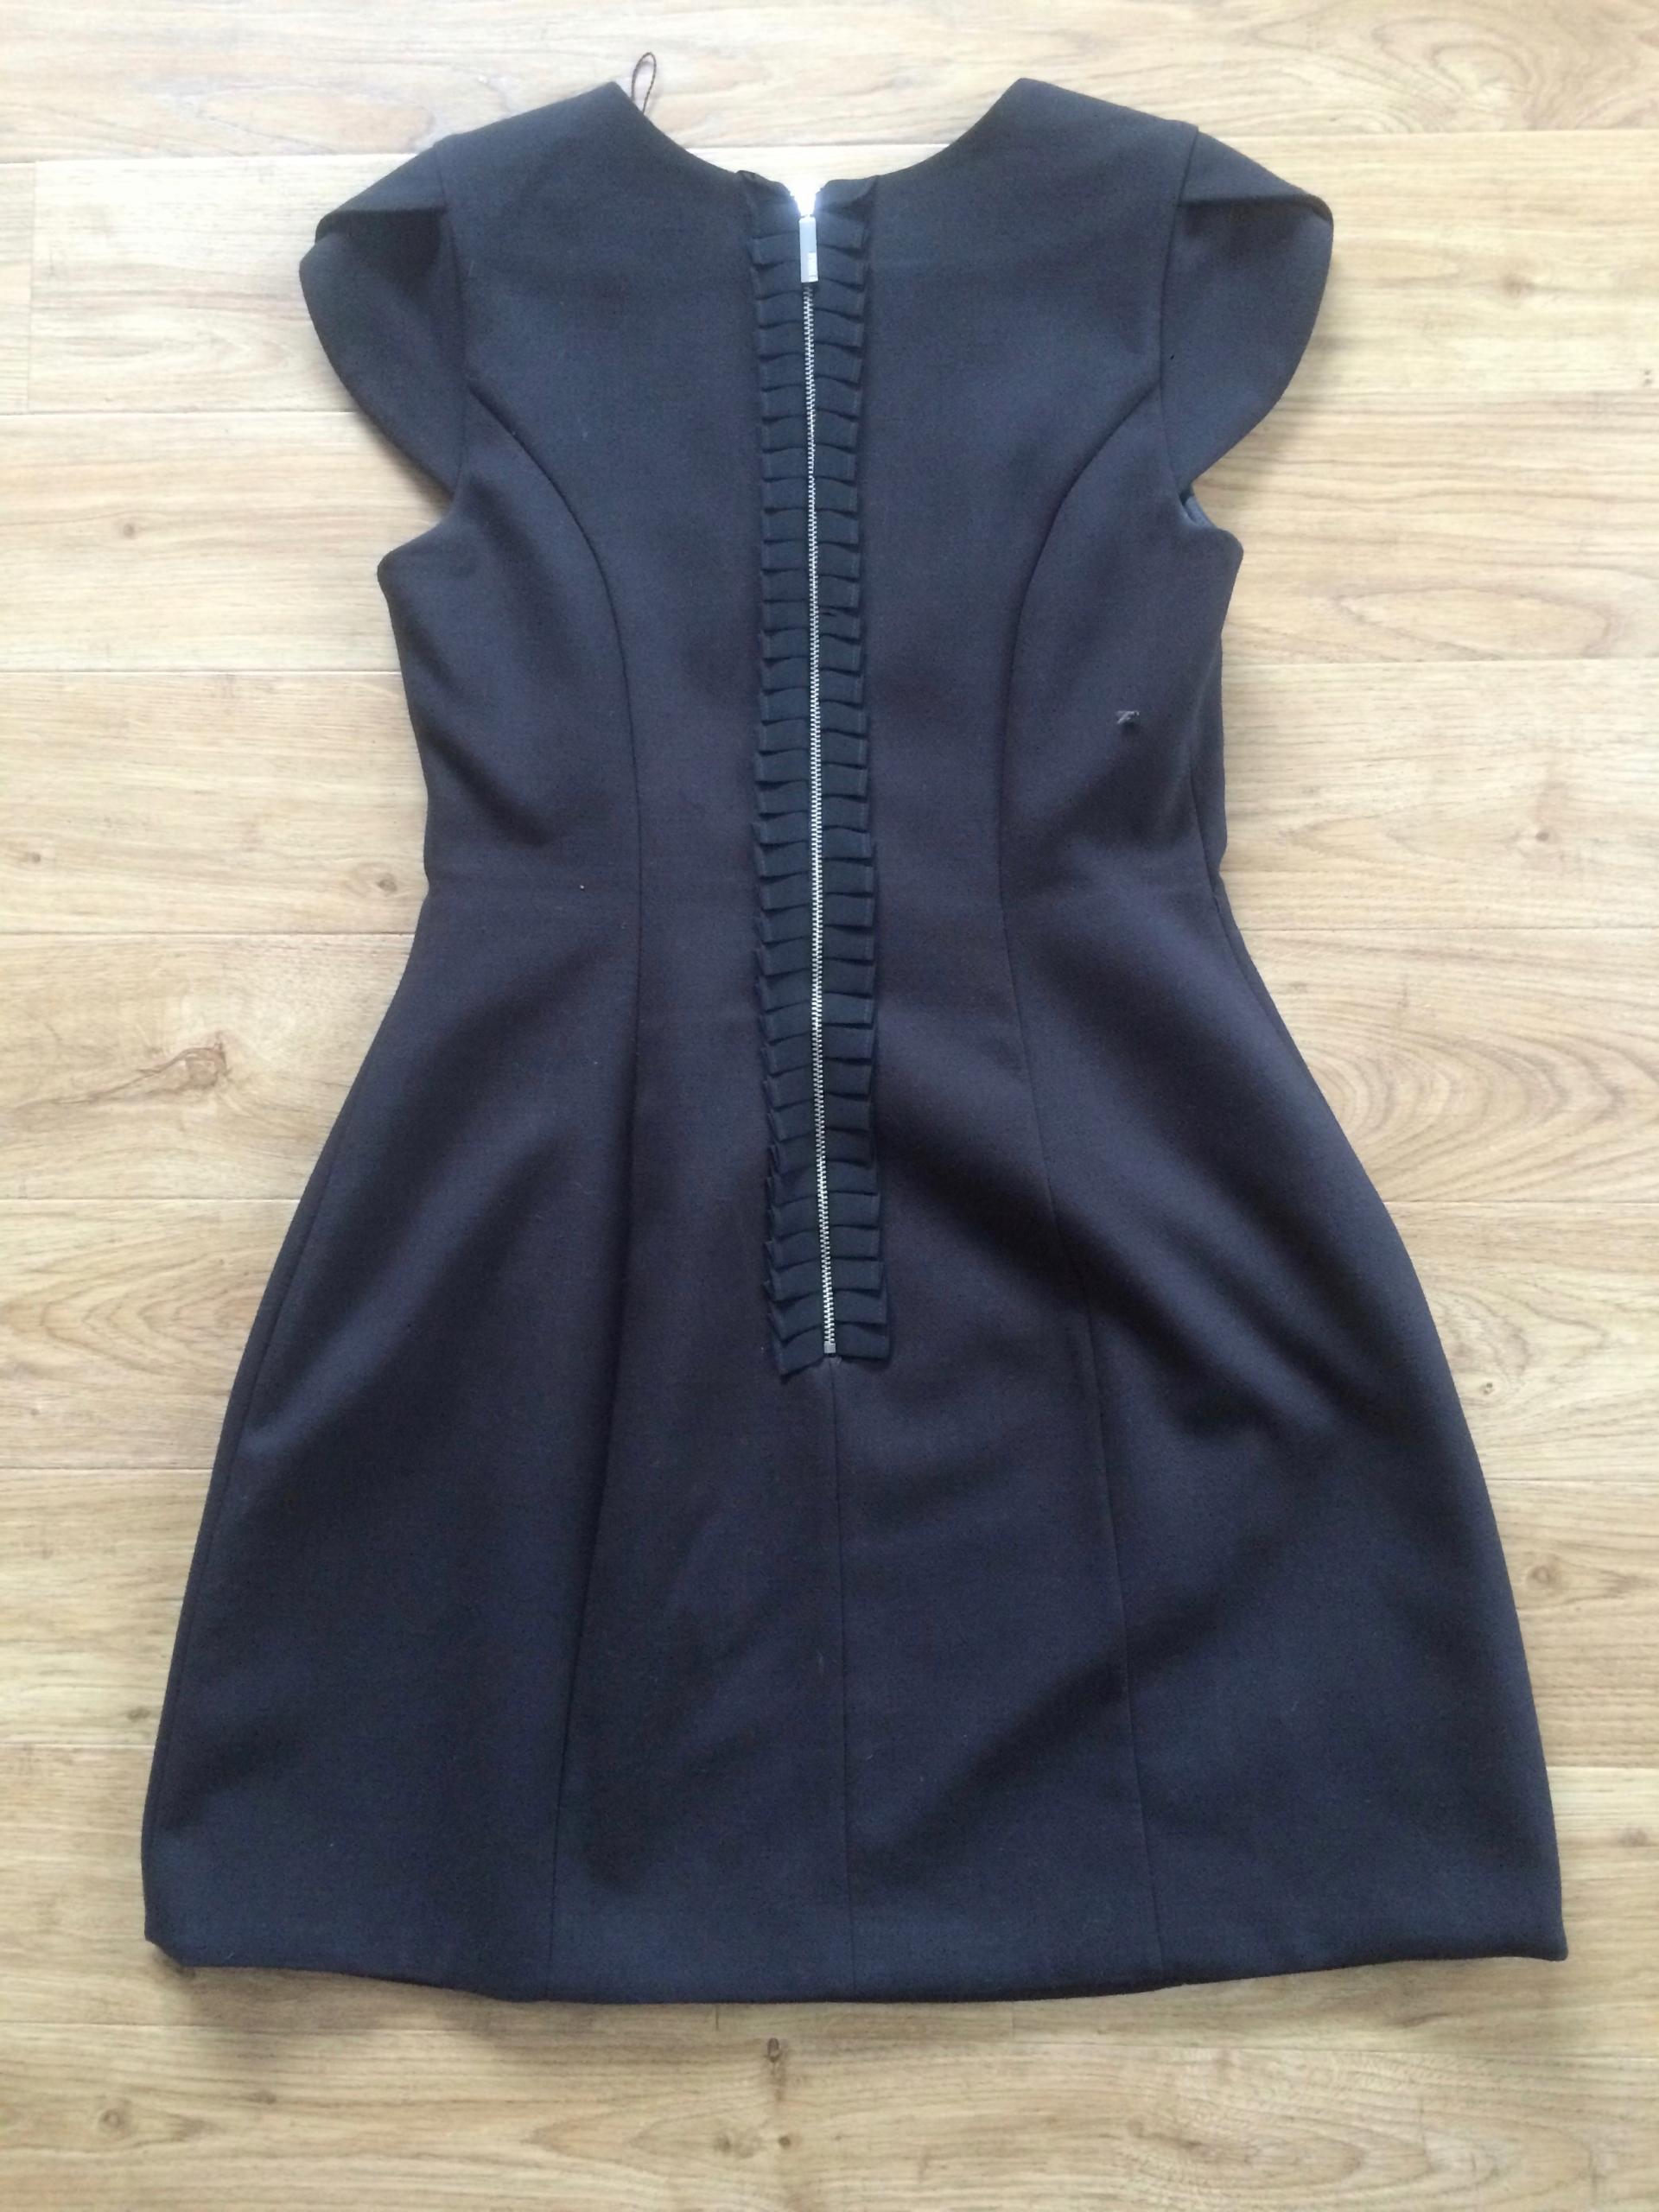 4948ff6361 SIMPLE czarna sukienka BOMBKA rozm. 38 - 7707023922 - oficjalne ...